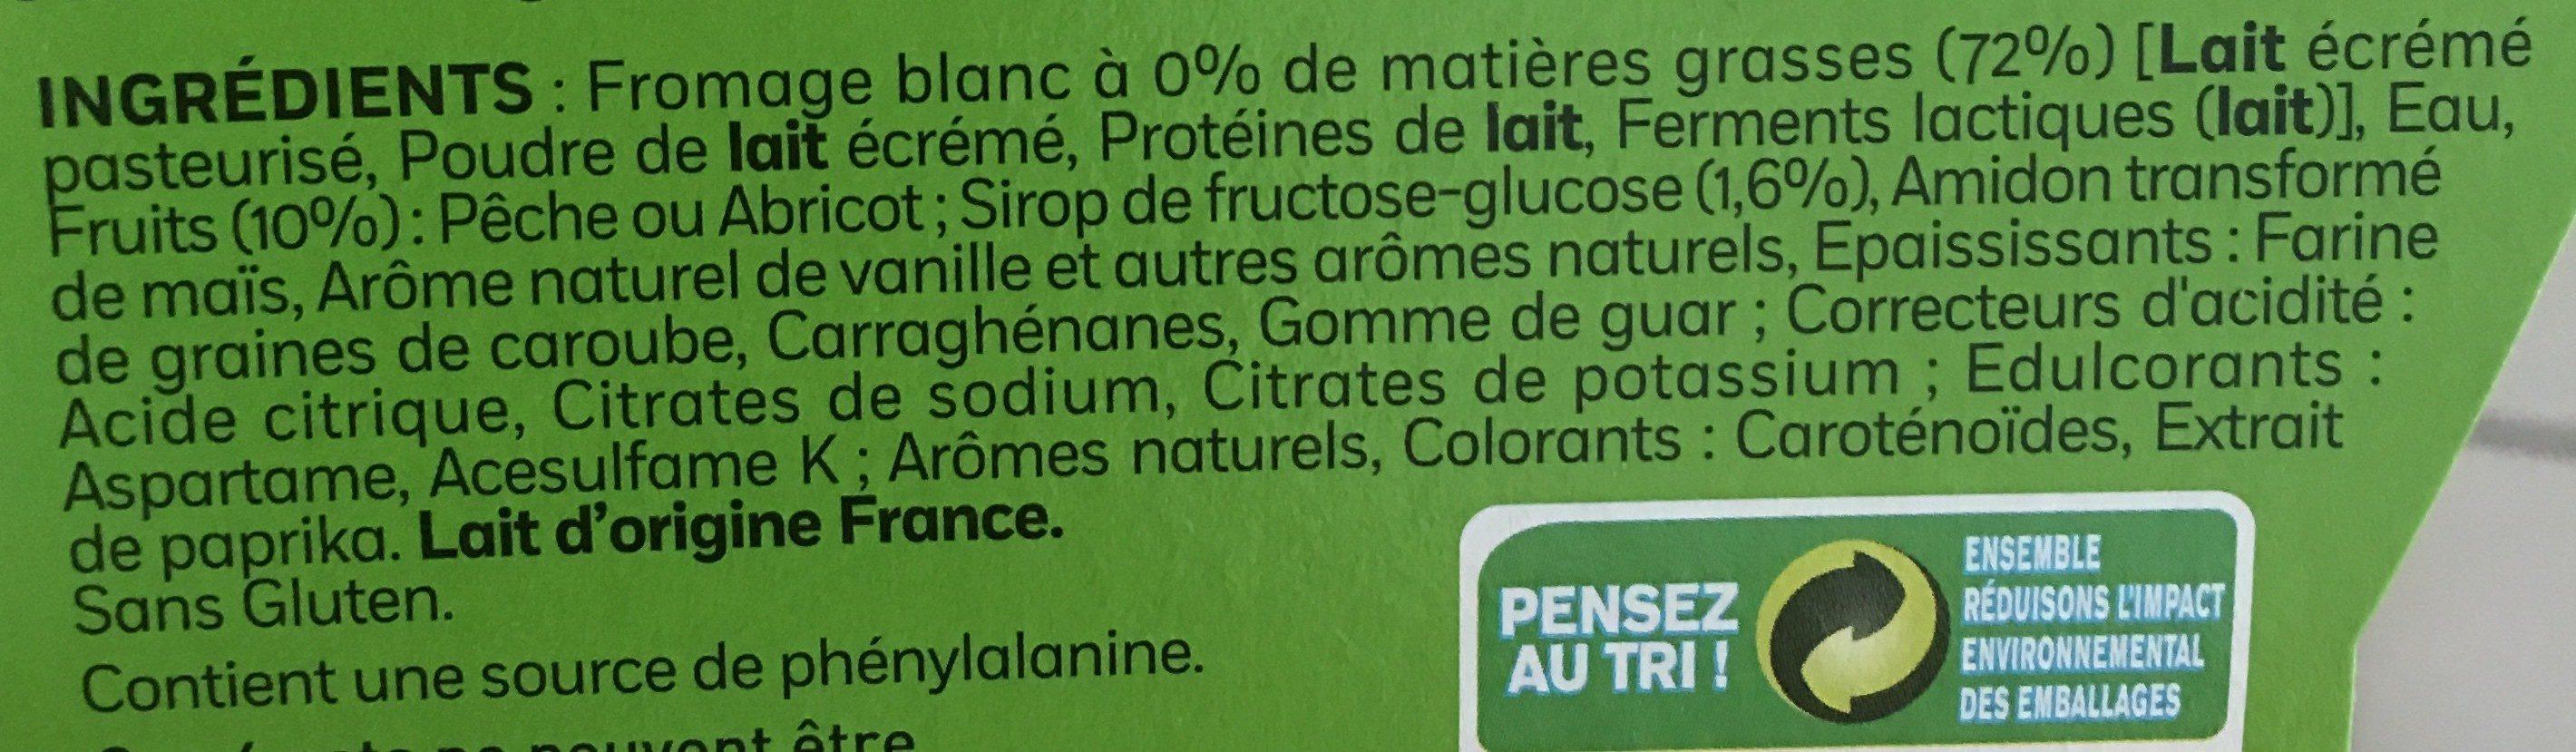 WEIGHT WATCHERS FINESSE 0% MG SUR LIT DE FRUITS JAUNES 100GX4 - Ingrediënten